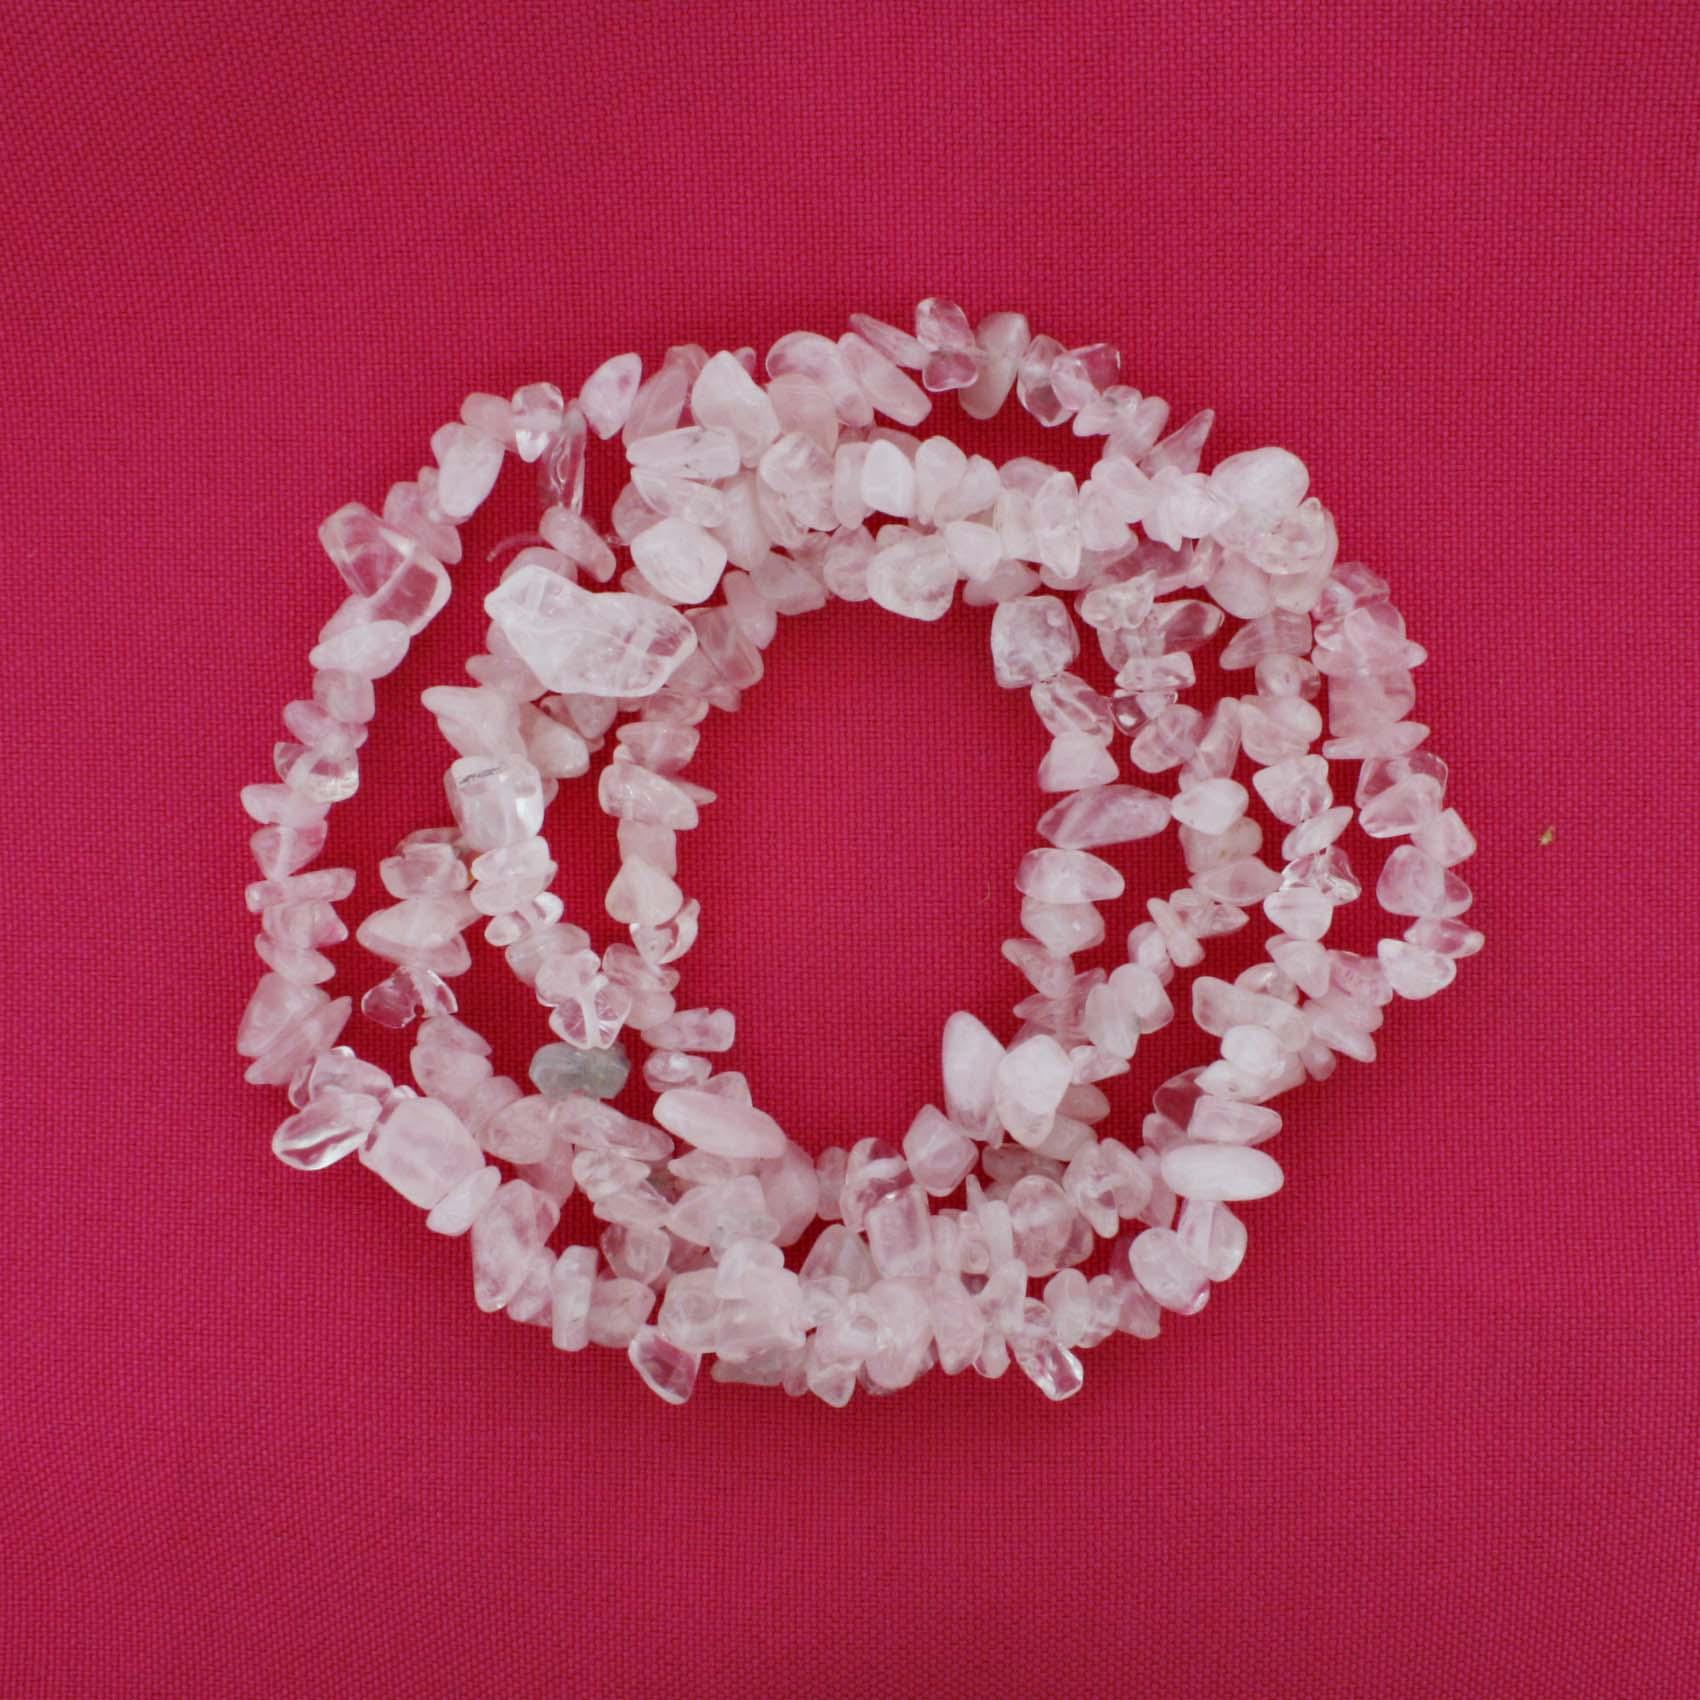 Fio de Cascalho - Stone® - Quartzo Rosa  - Stéphanie Bijoux® - Peças para Bijuterias e Artesanato